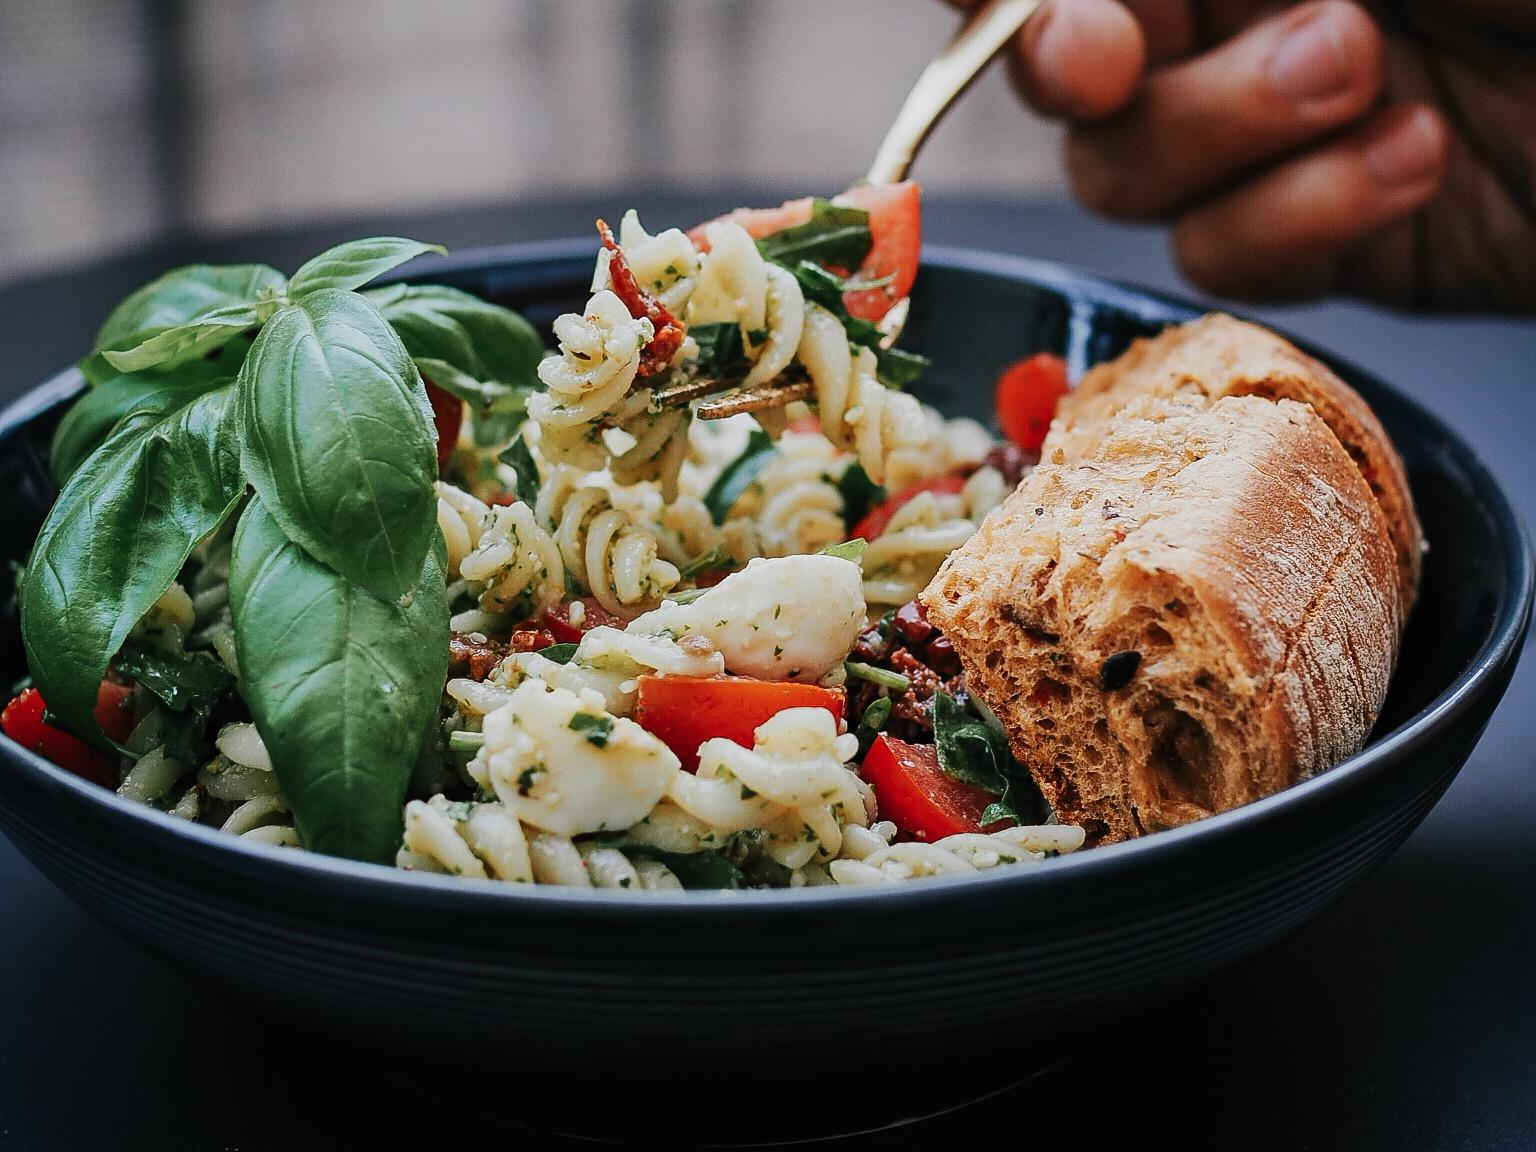 Grillrezept: Mediterraner Nudelsalat